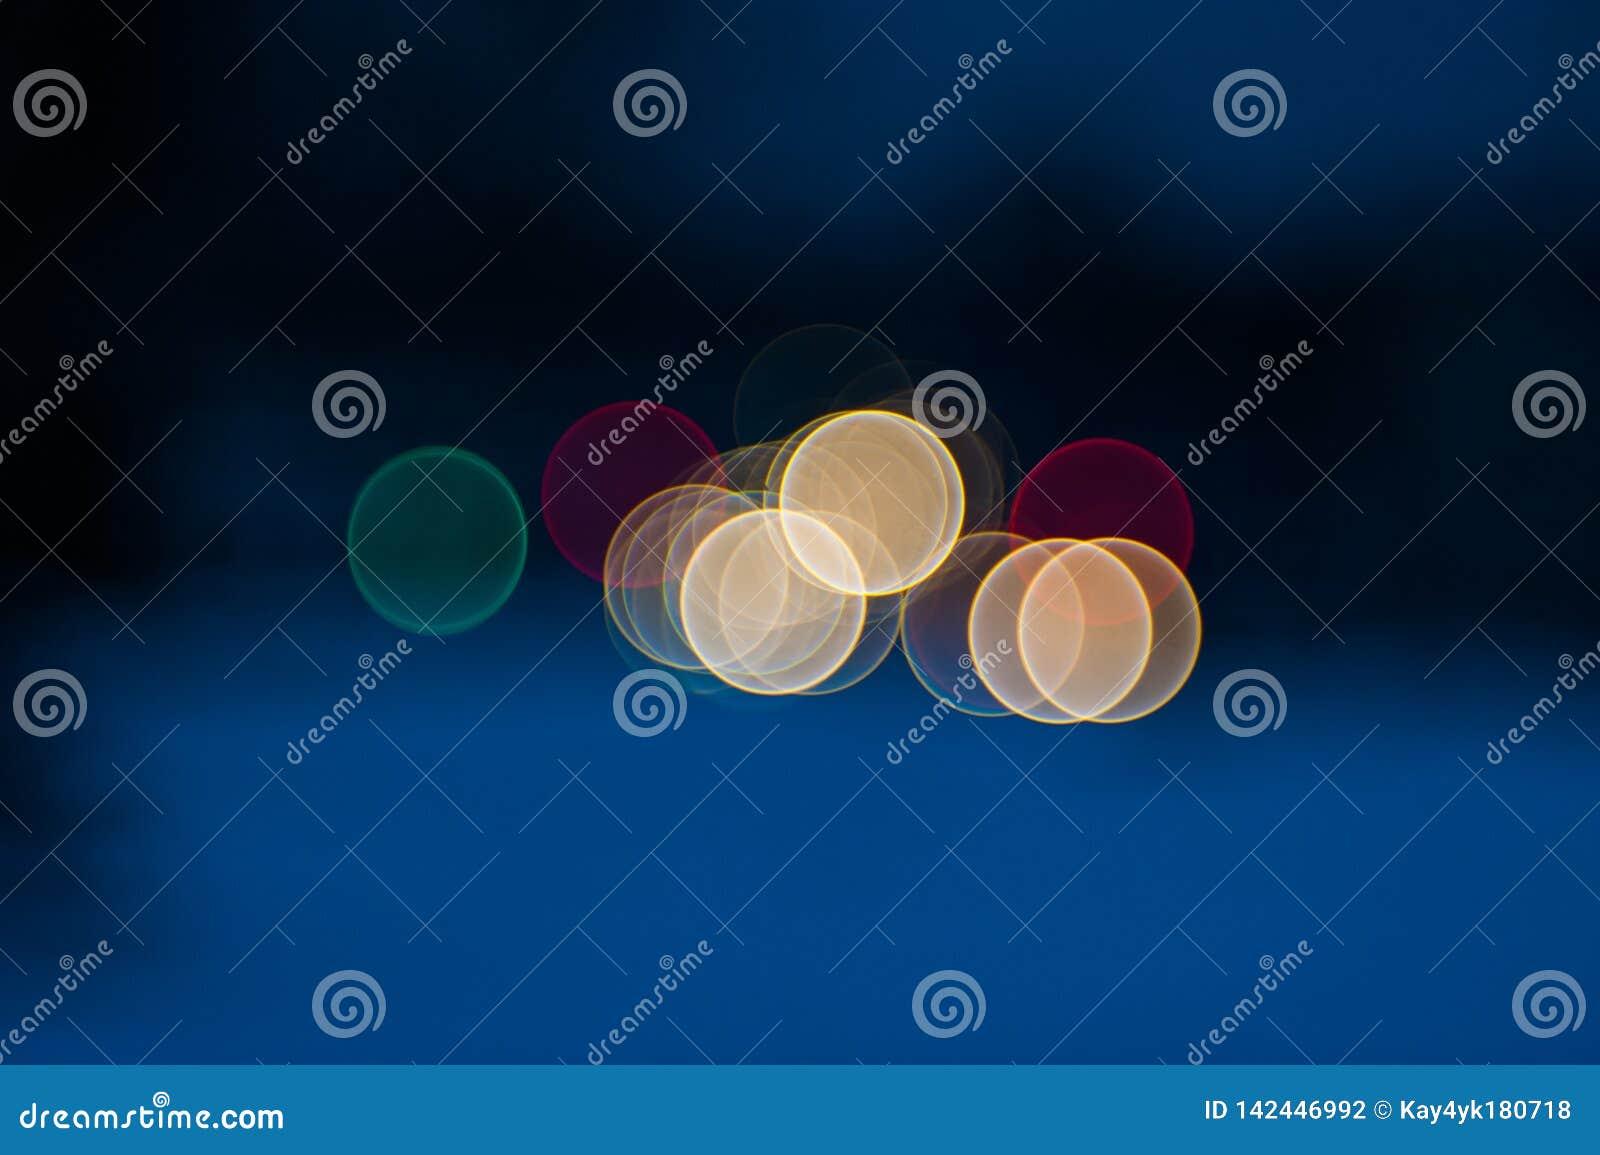 Fundo borrado bonito colorido do bokeh com espa?o da c?pia Textura festiva Pontos claros coloridos brilhantes em um escuro - azul